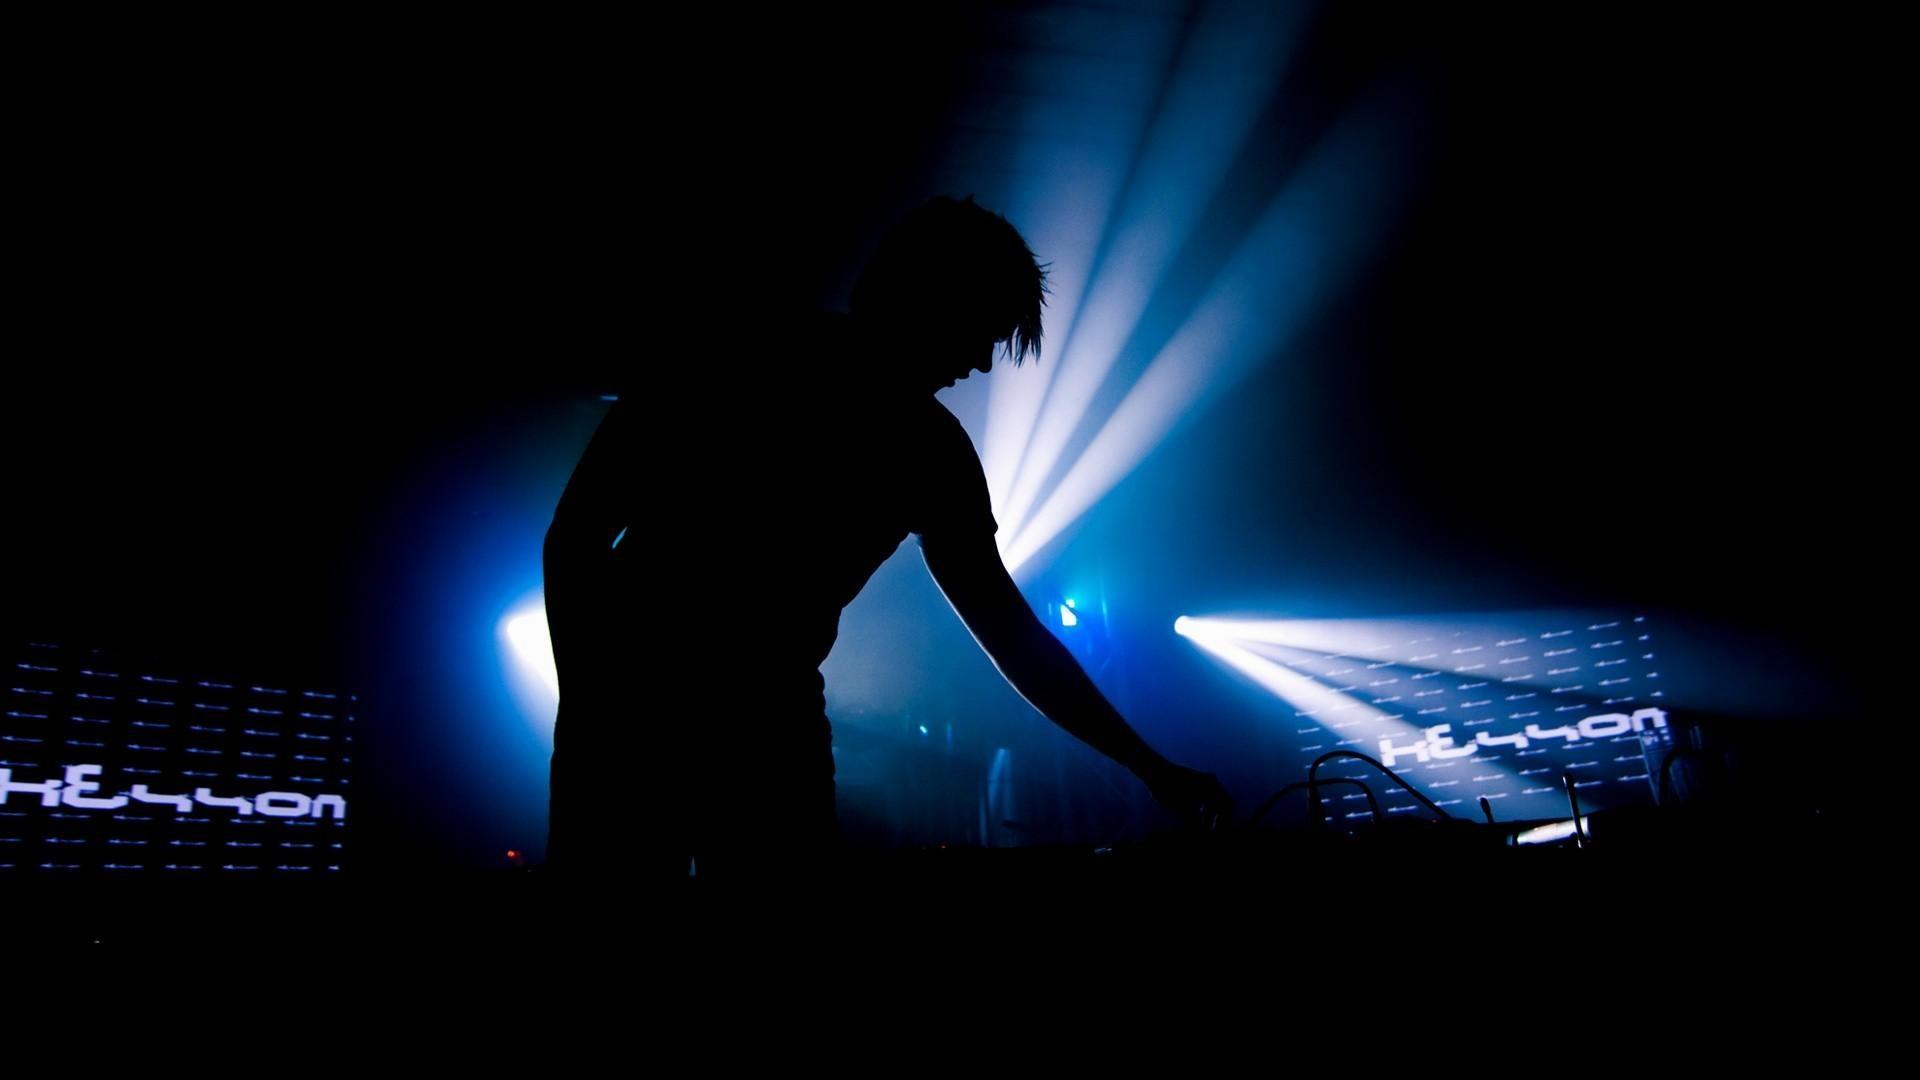 wallpaper.wiki-Music-DJ-Wallpaper-Full-HD-PIC-